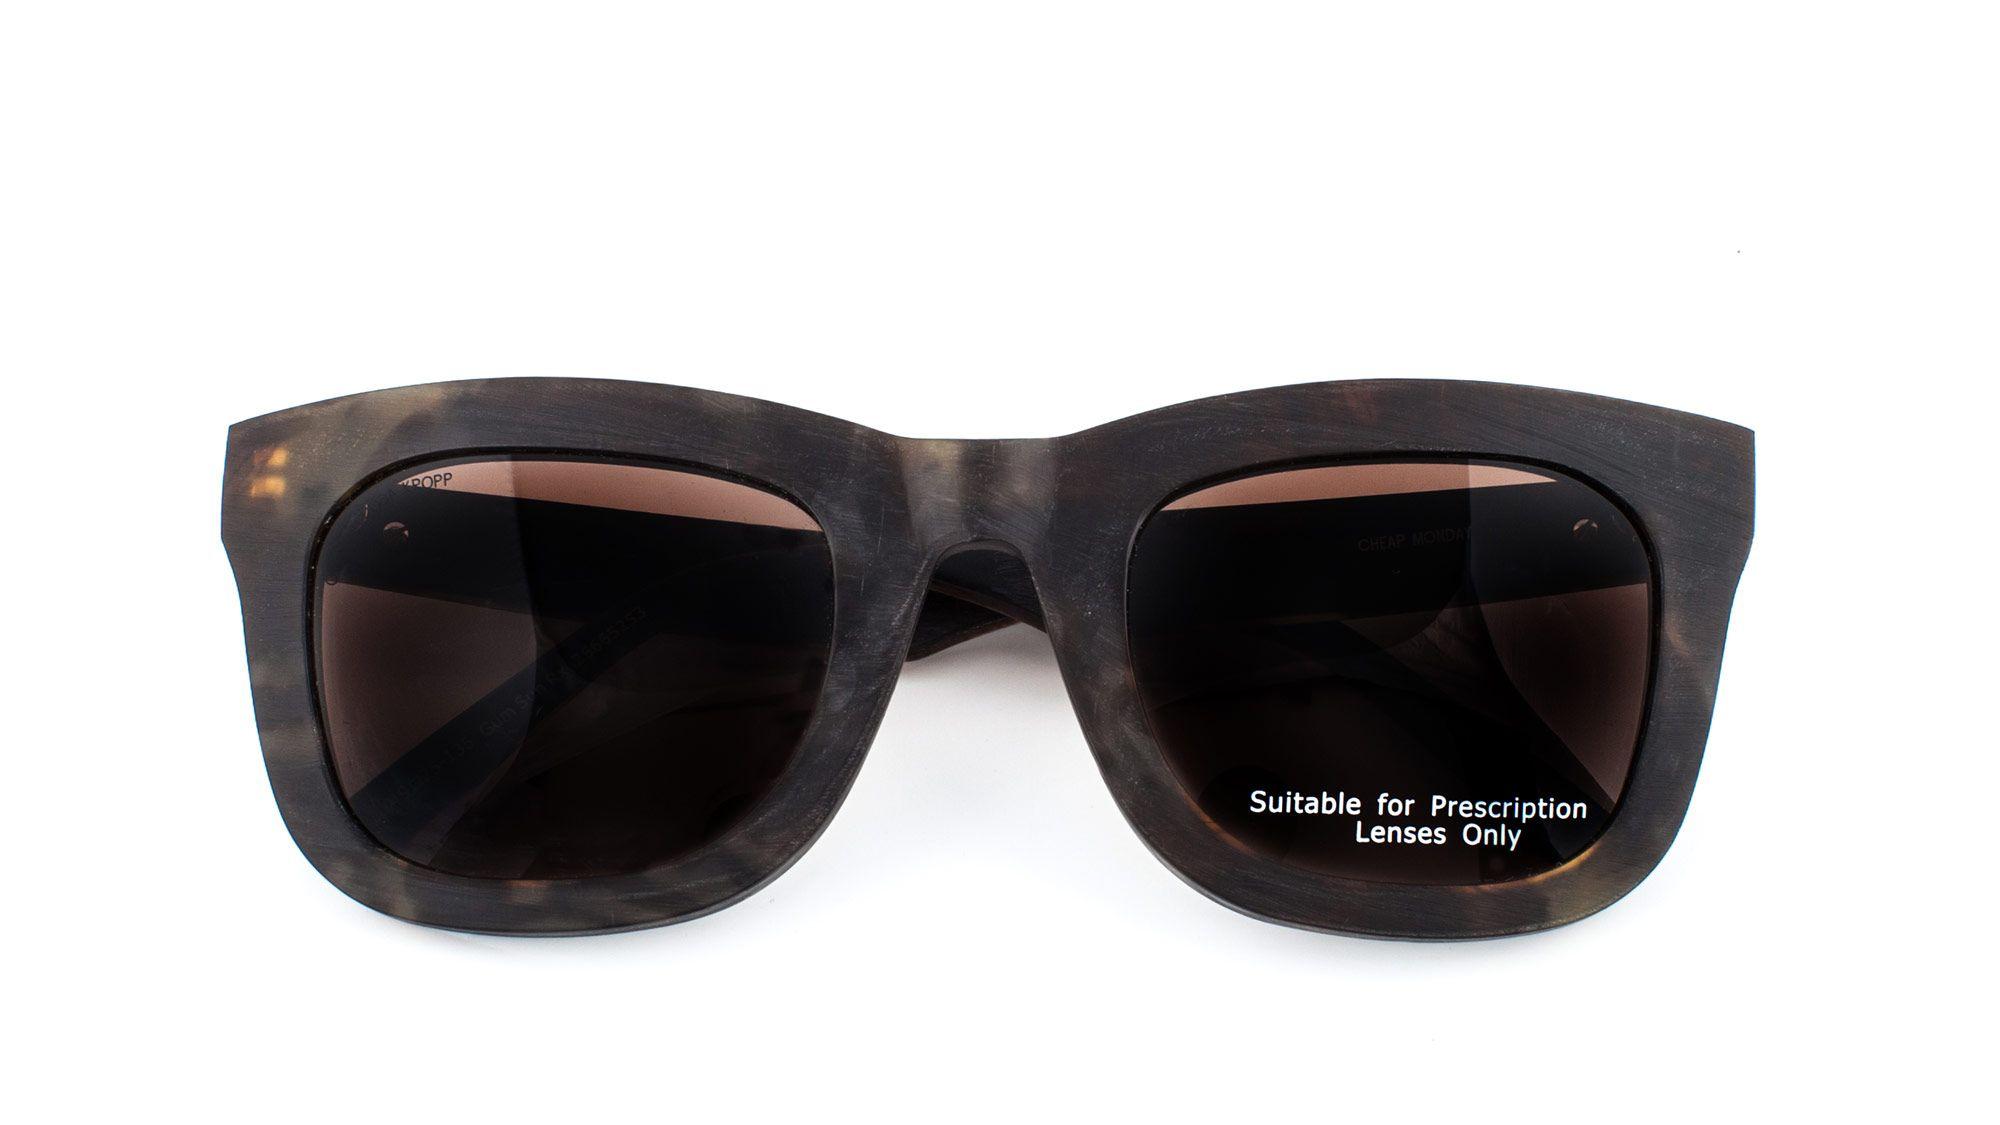 eb0cd4b3d9f3 GUM SUN RX Glasses by Cheap Monday